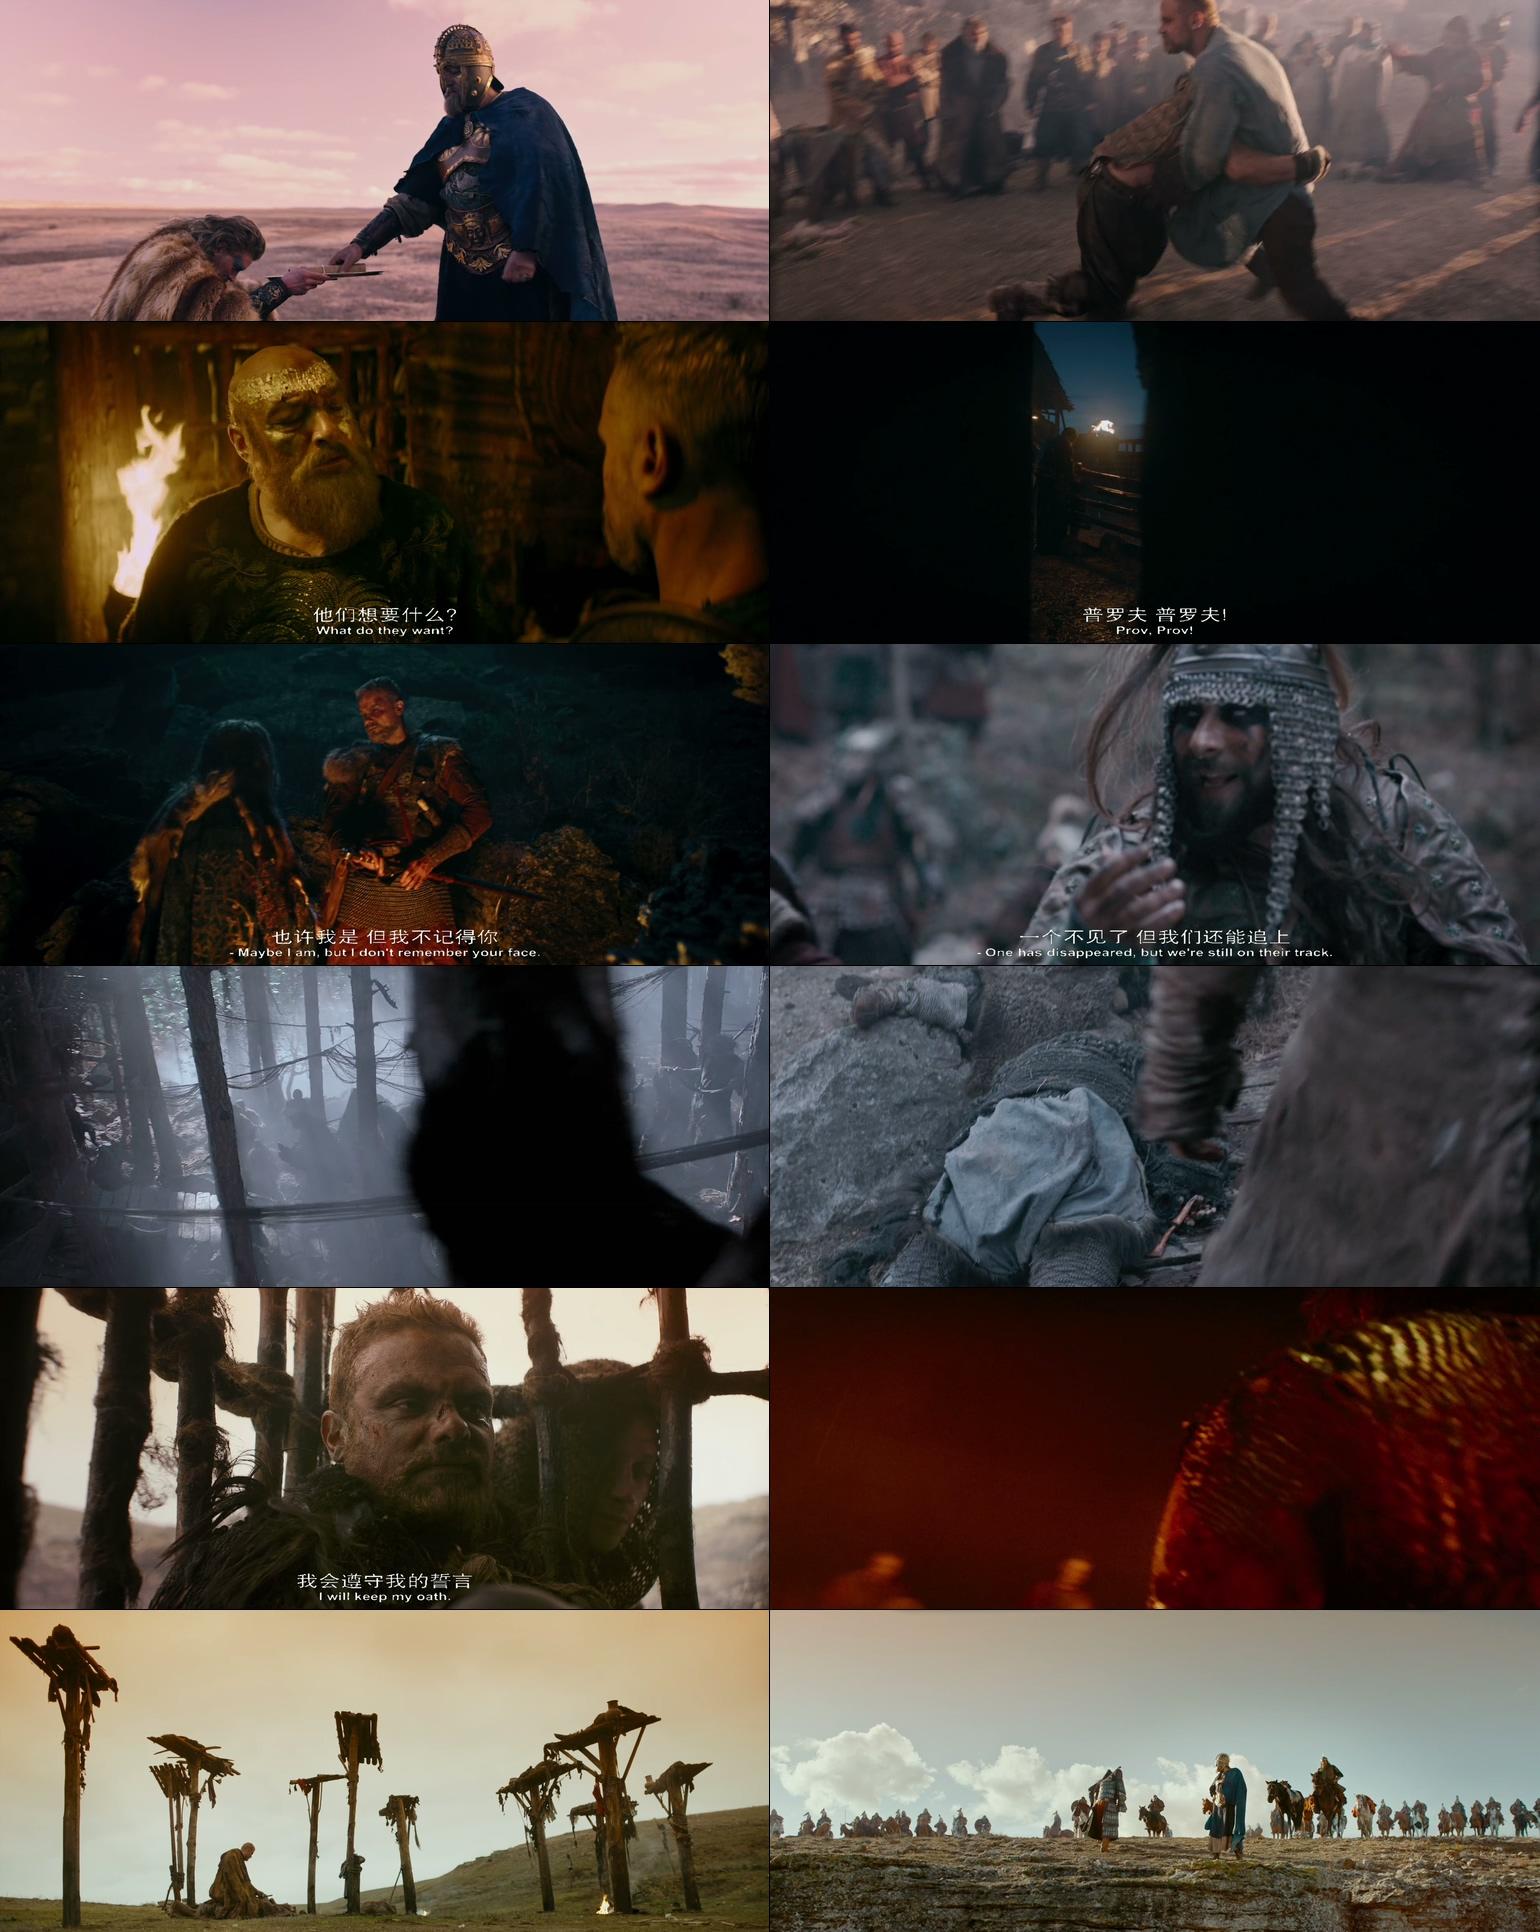 The Last Warrior 2018 BluRay 1080p AAC x264-MTeamPAD[EtHD]